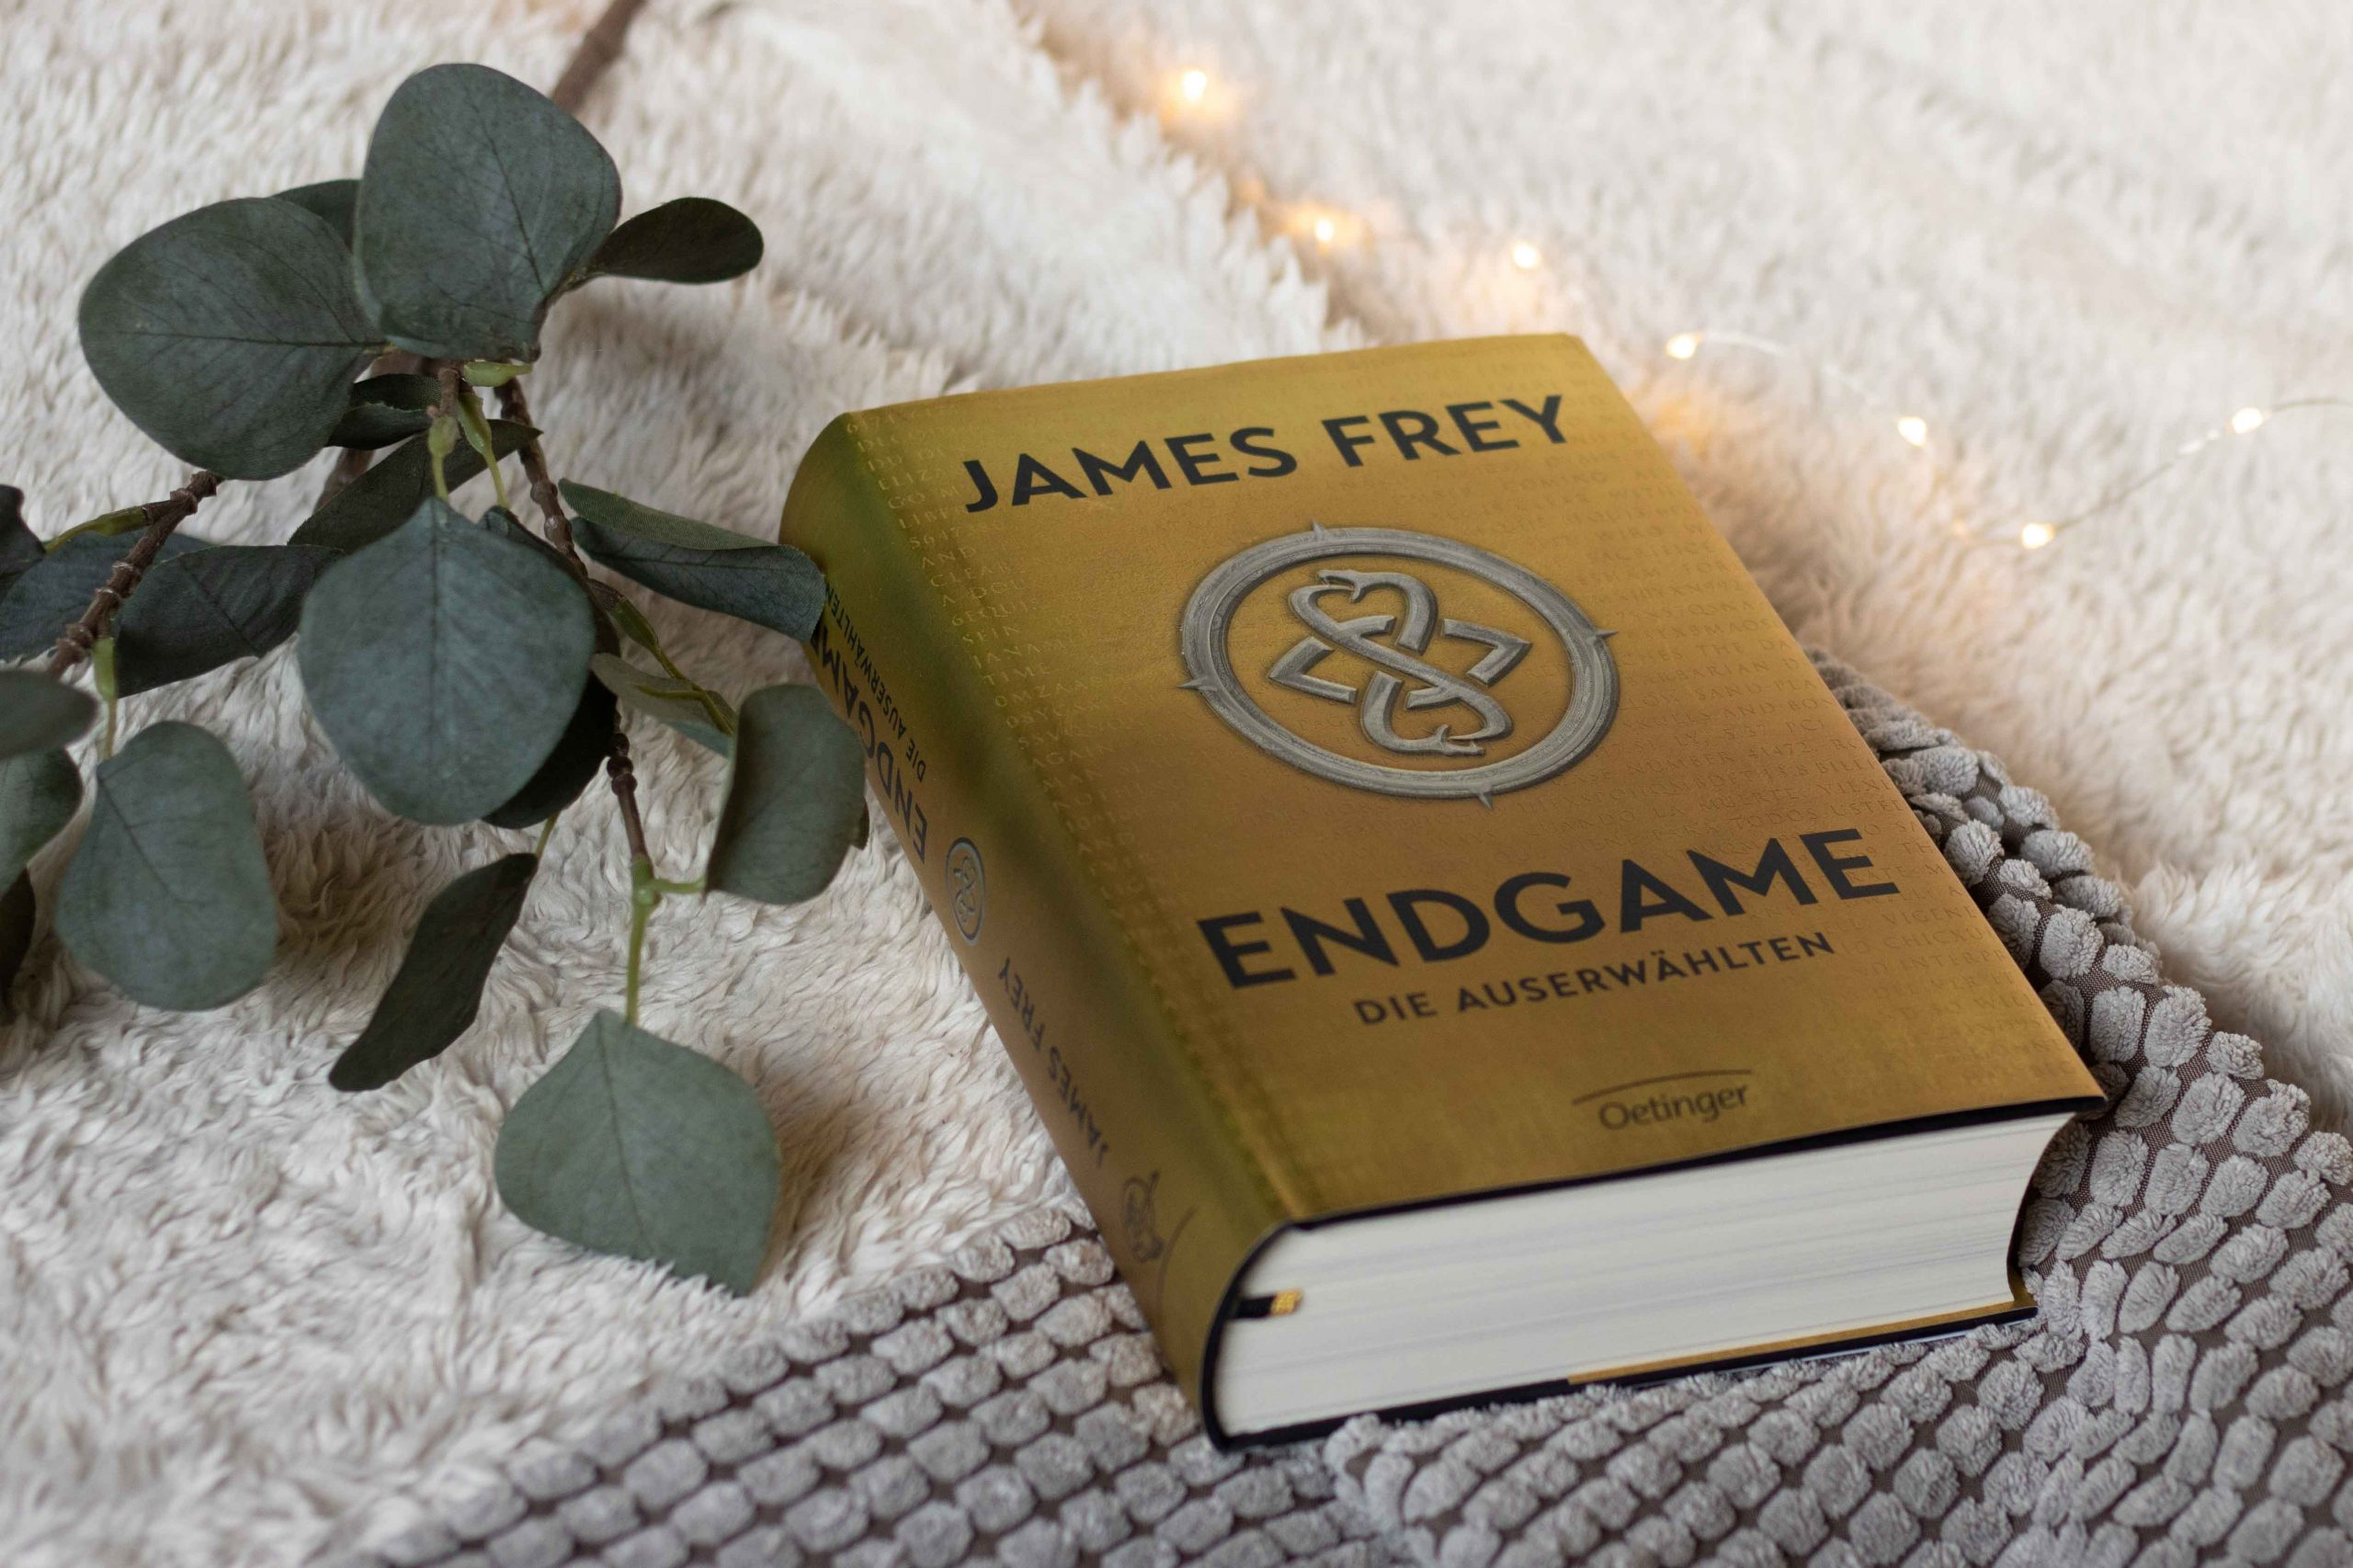 Endgame – Die Auserwählten | James Frey